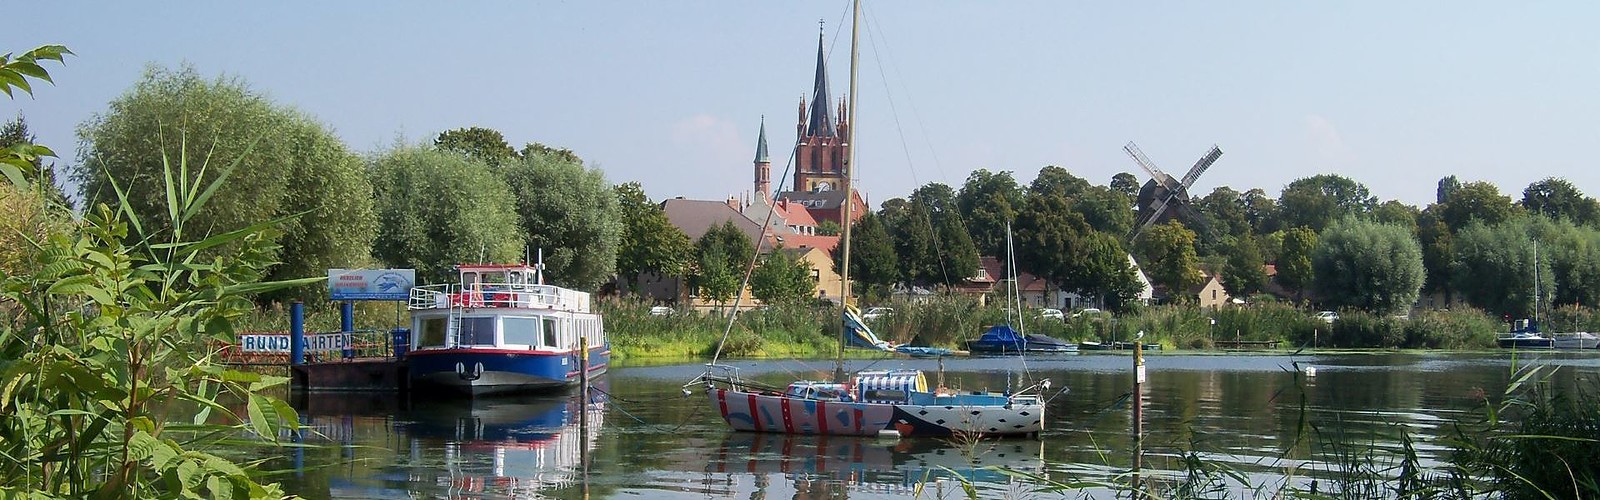 Werder (Havel) im Sommer (1920 x 600 px), Foto: Yvonne Schmiele